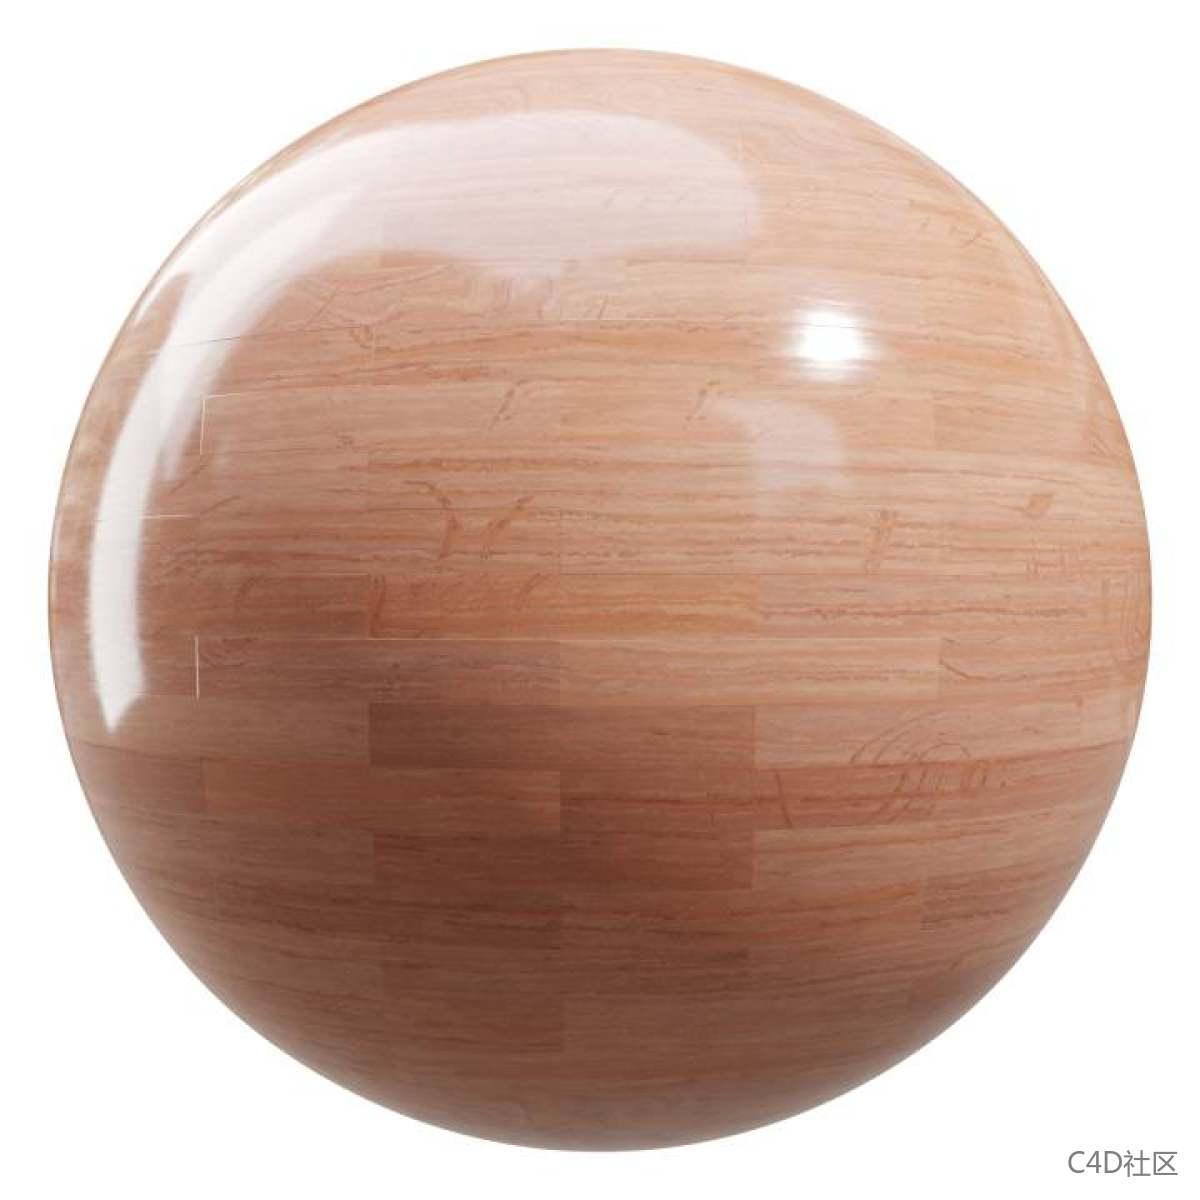 家庭木地板纹理材质含有一些自然的痕迹